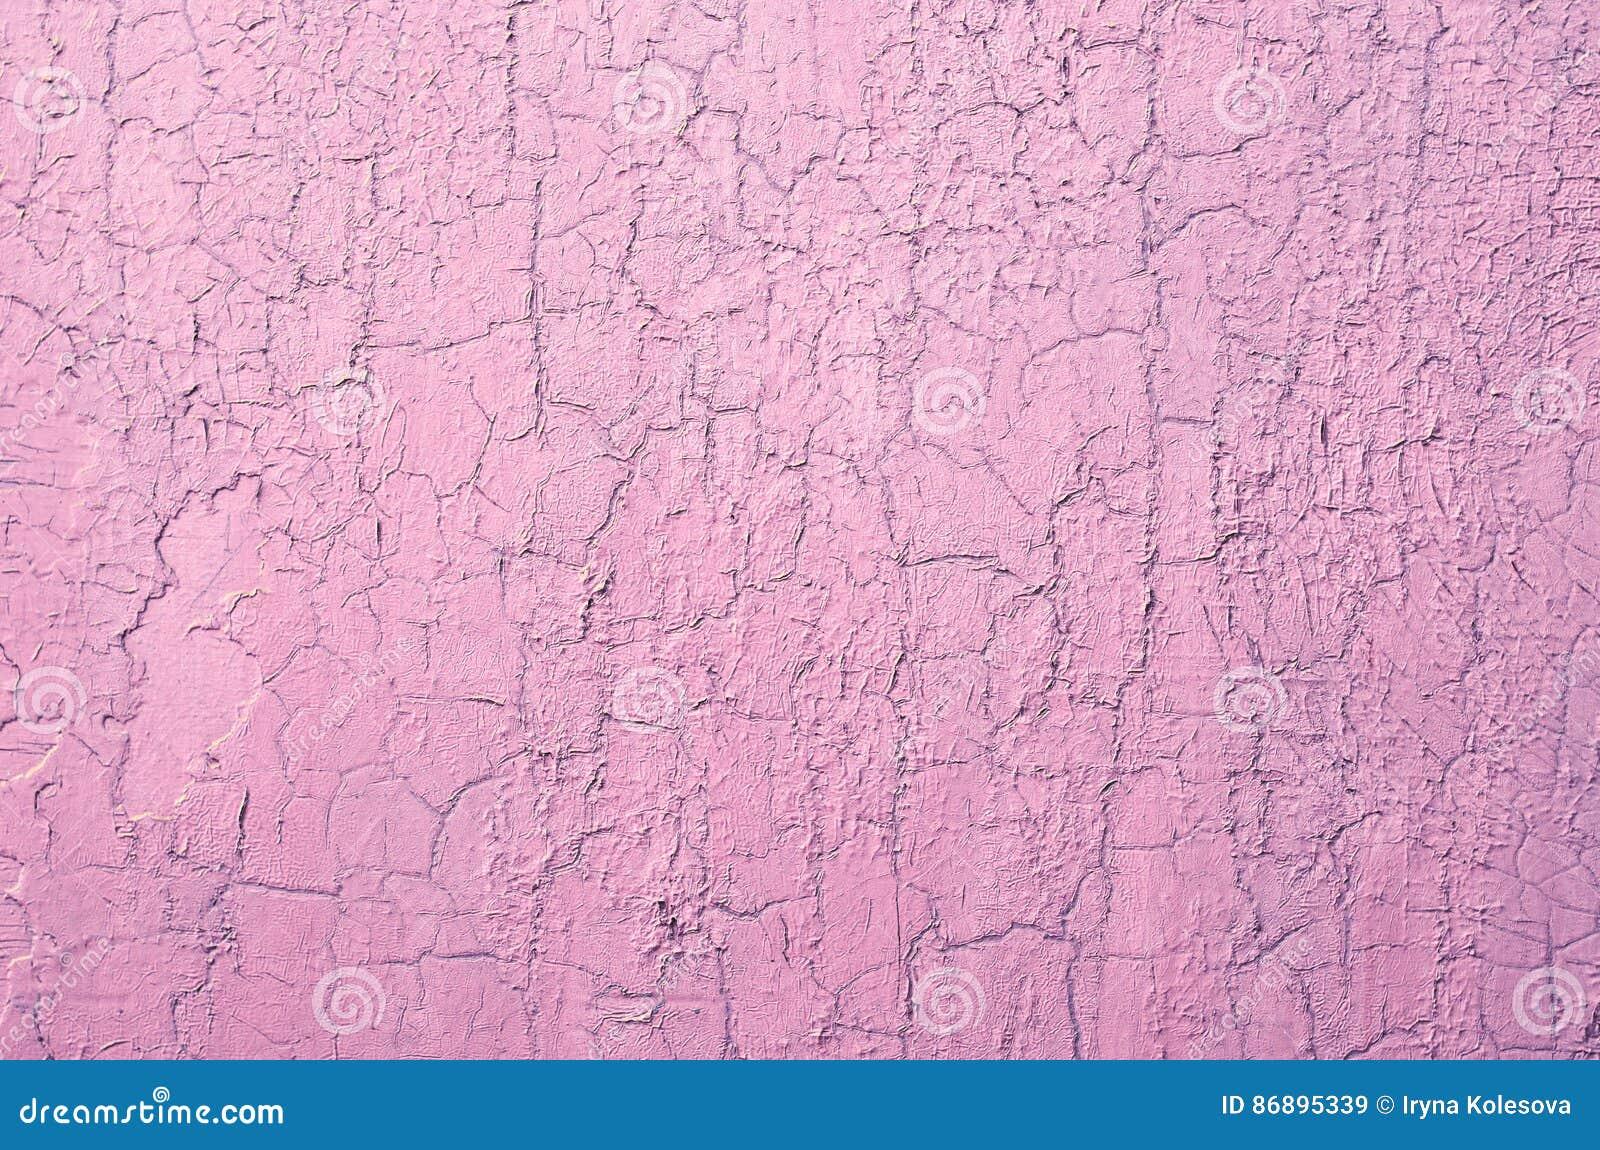 Старая поврежденная треснутая стена краски, предпосылка Grunge, розовый пастельный цвет